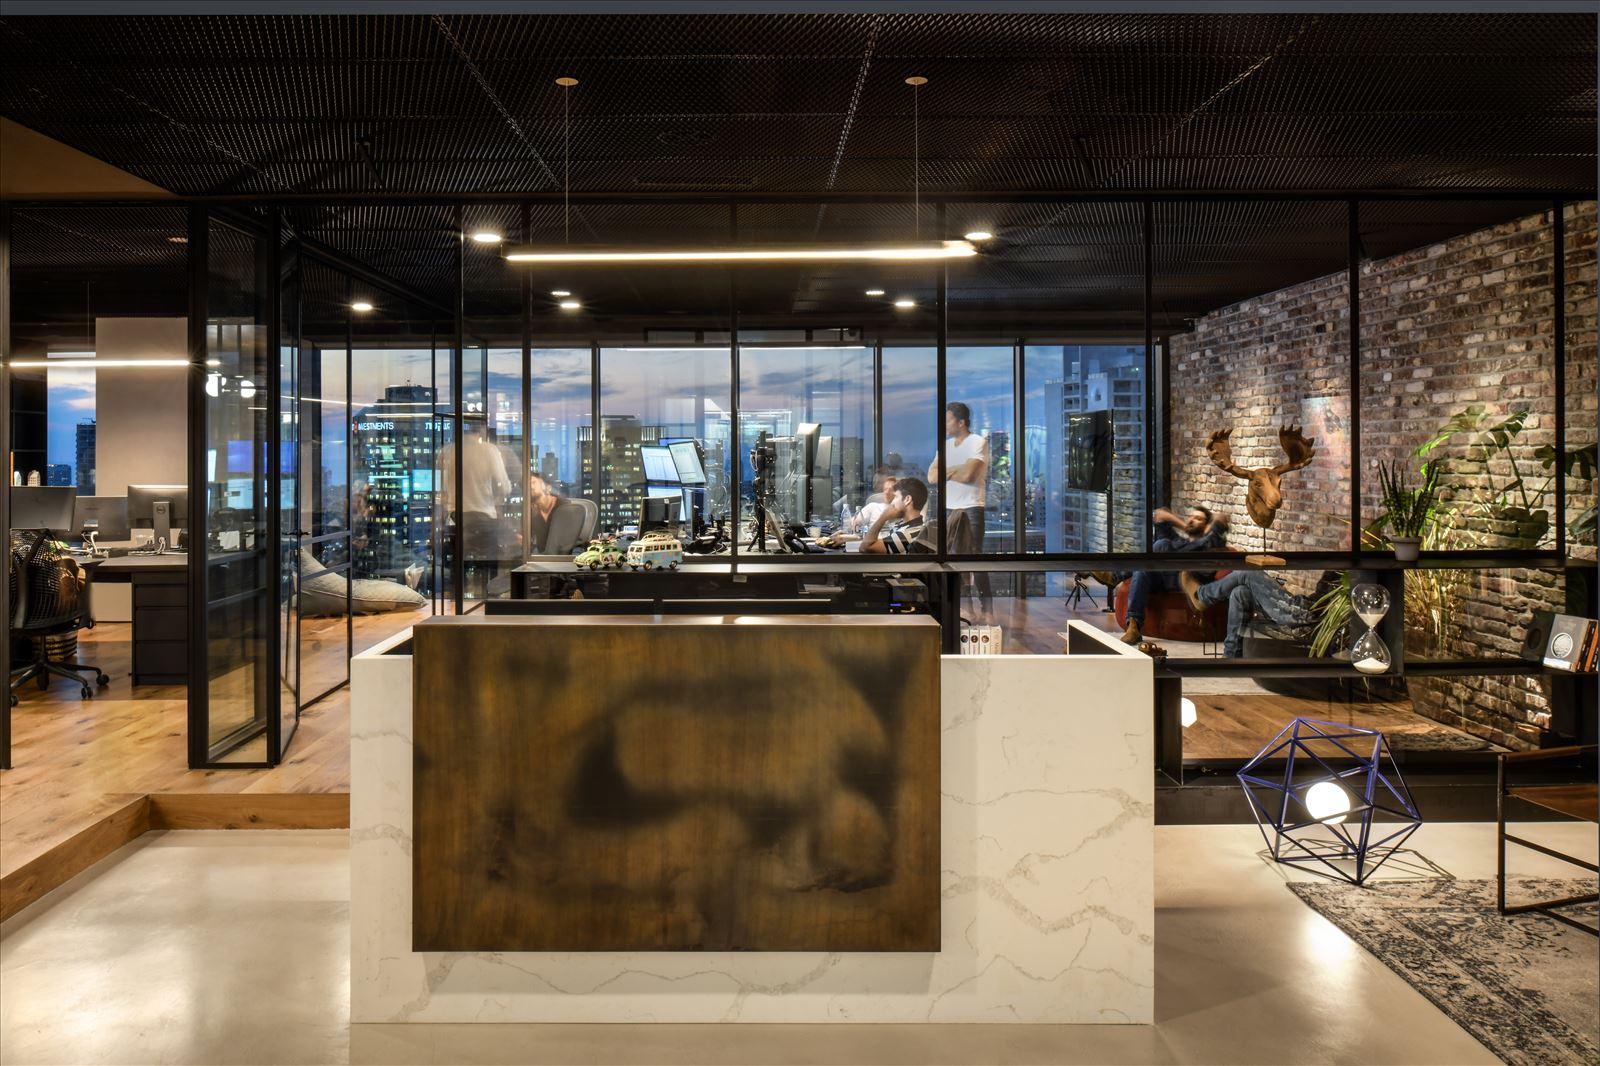 Arbitrage office מרחב המשרד במגוון גופי תאורה בתכנון דורי קמחי